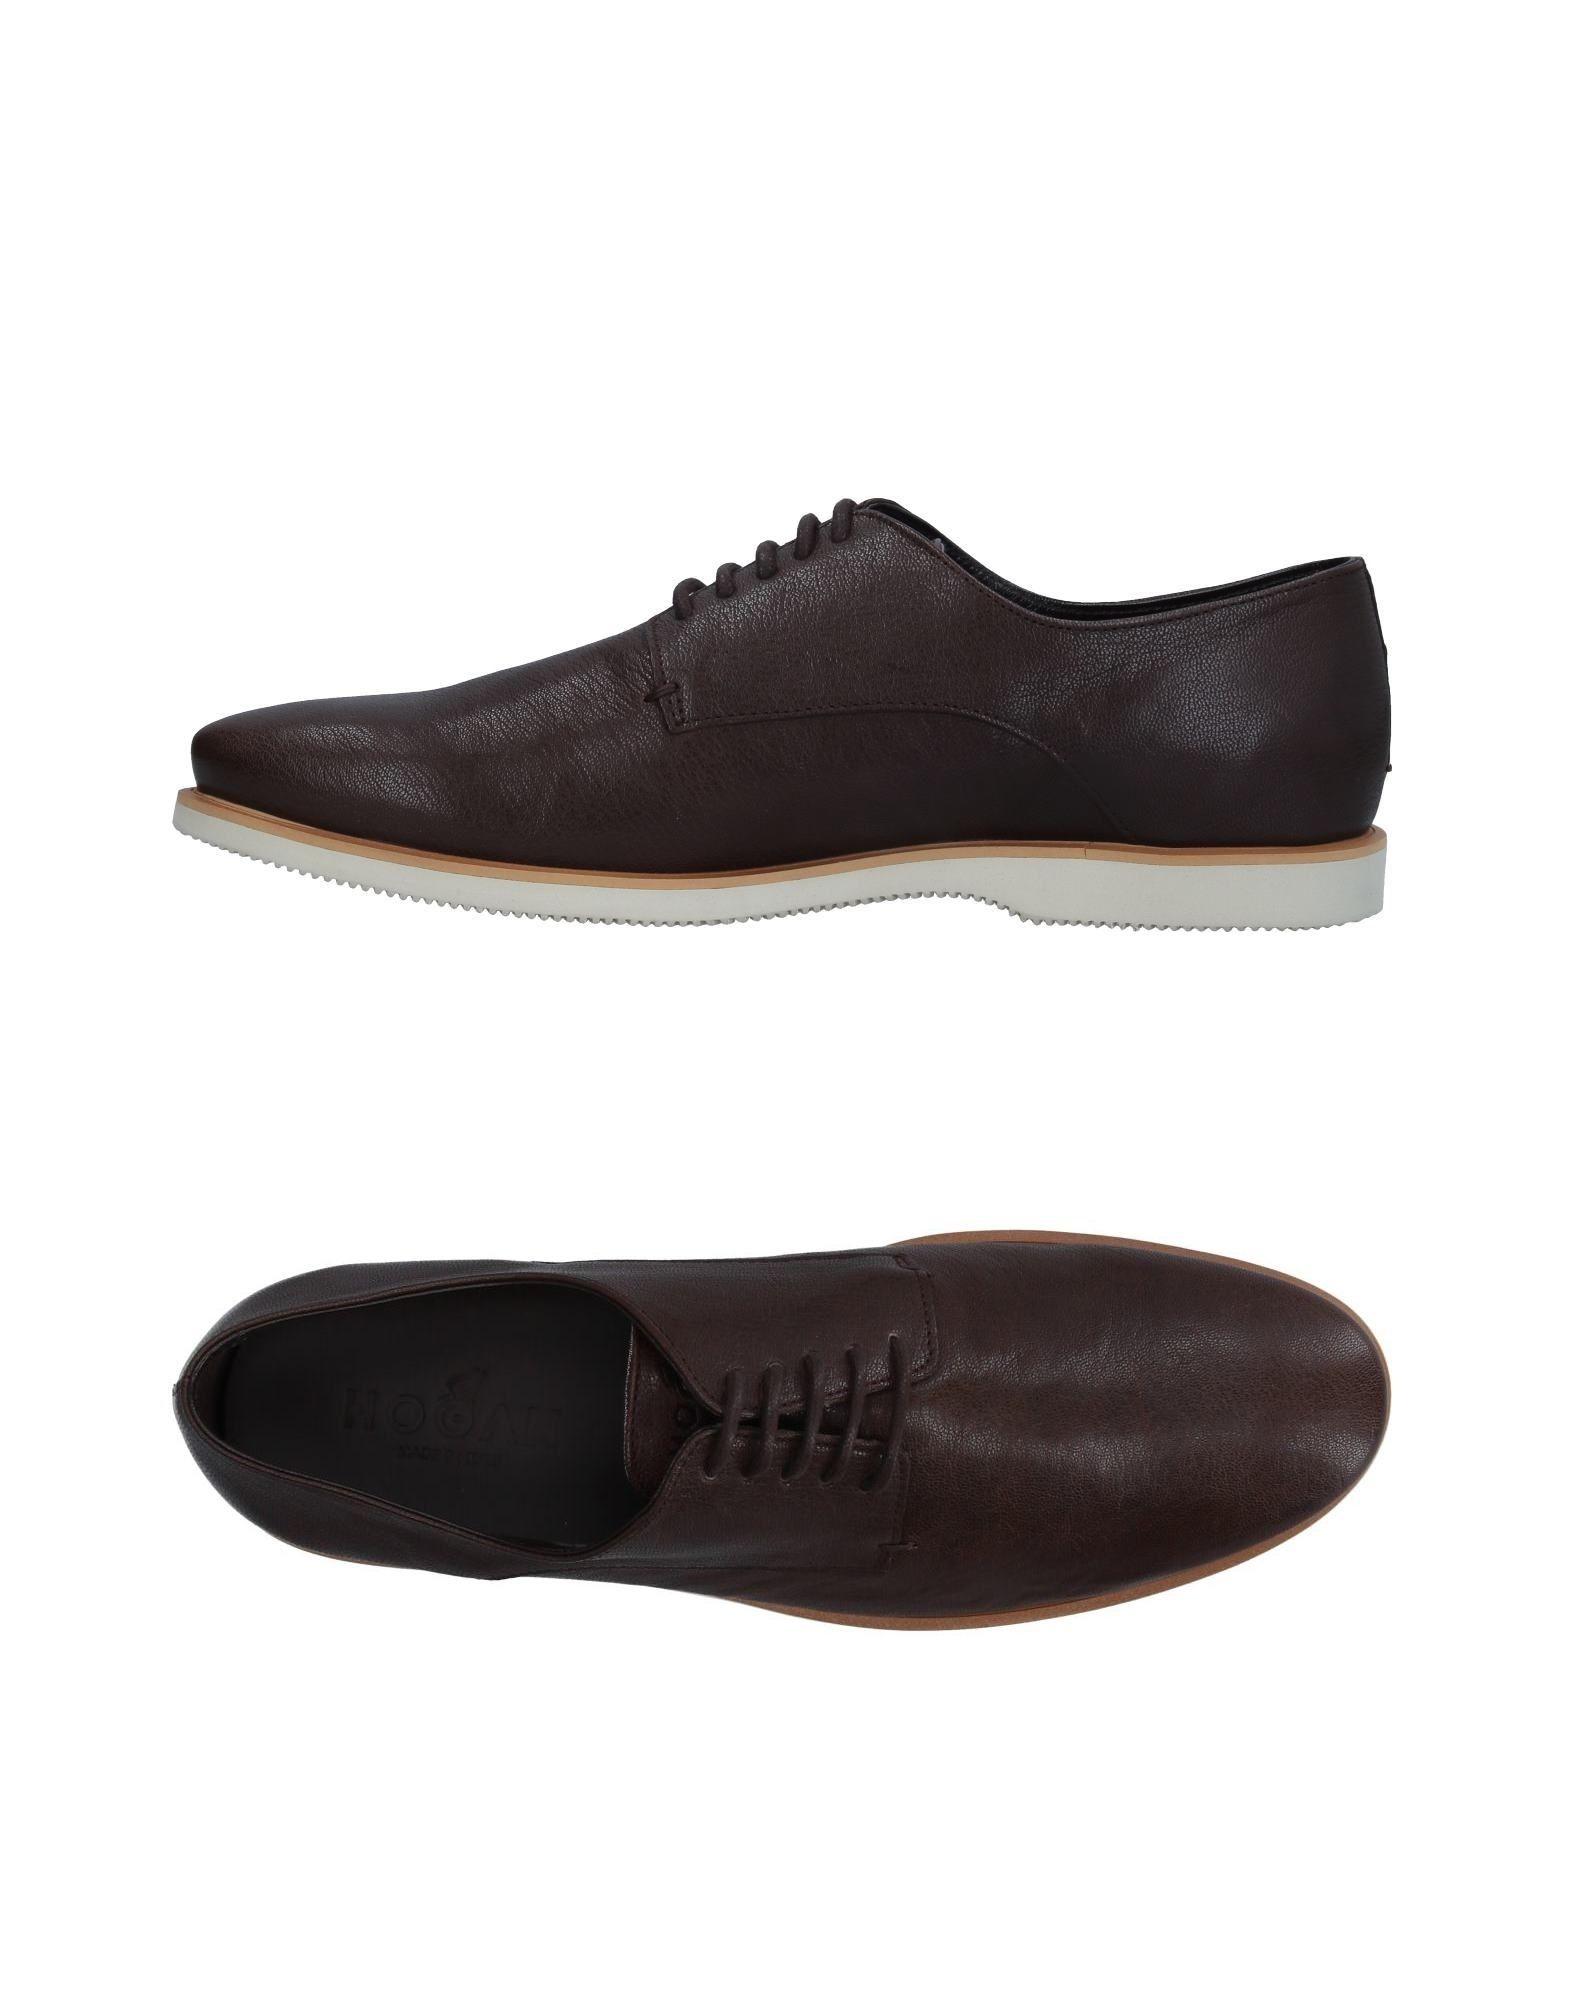 HOGAN Обувь на шнурках первый внутри обувь обувь обувь обувь обувь обувь обувь обувь обувь 8a2549 мужская армия green 40 метров